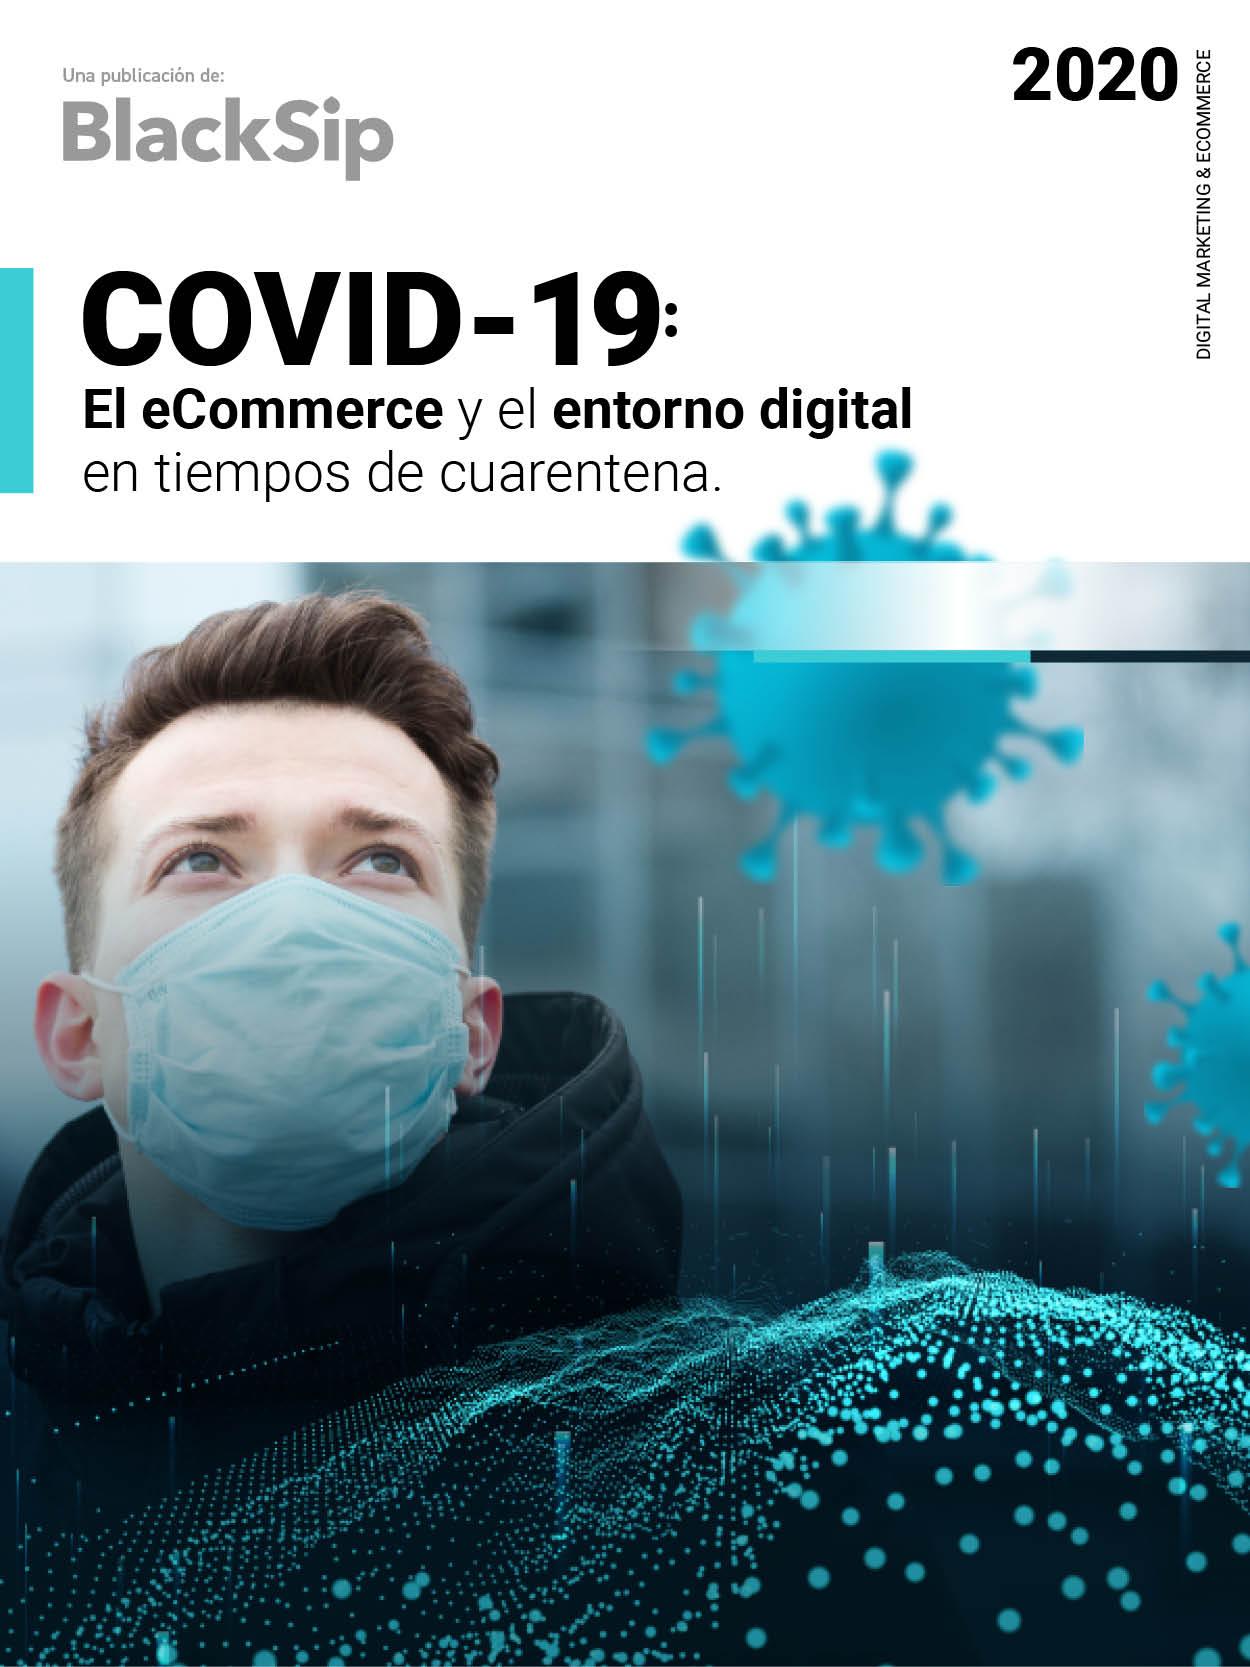 COVID 19: el ecommerce y el entorno digital en tiempos de pandemia